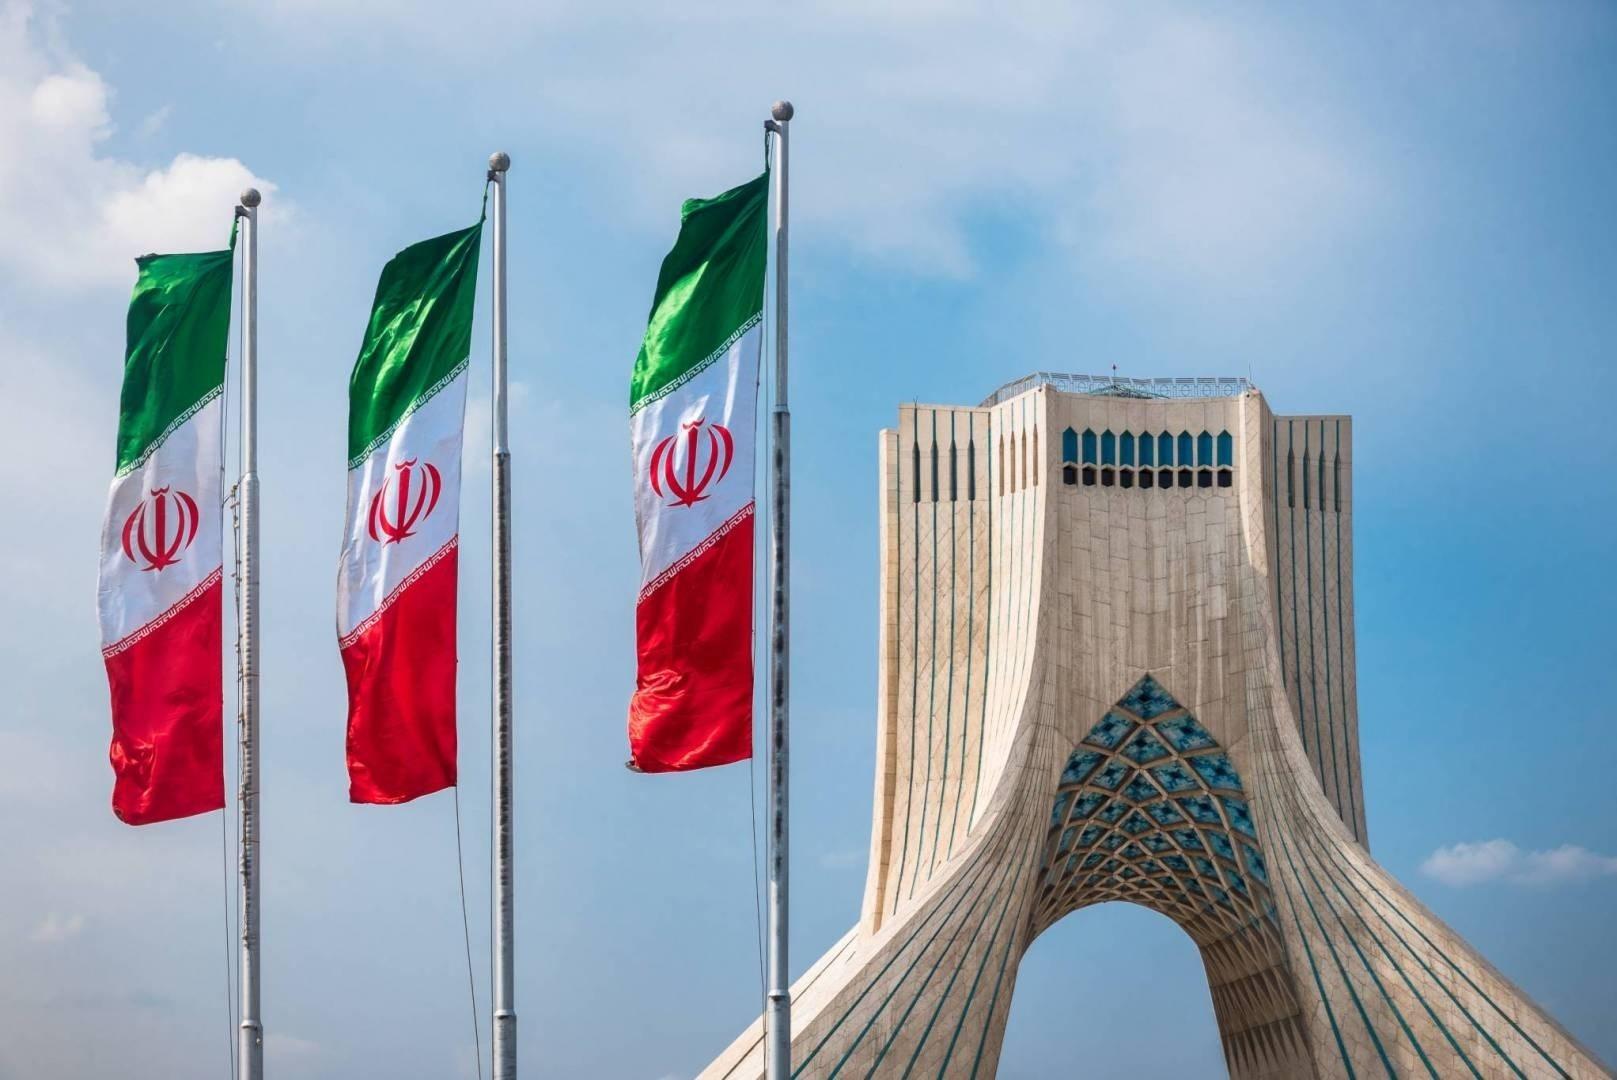 الخارجية الإيرانية: قائمة الإرهاب التابعة لواشنطن زائفة كزيف الحرب الأميركية على الإرهاب.. هذا خزي